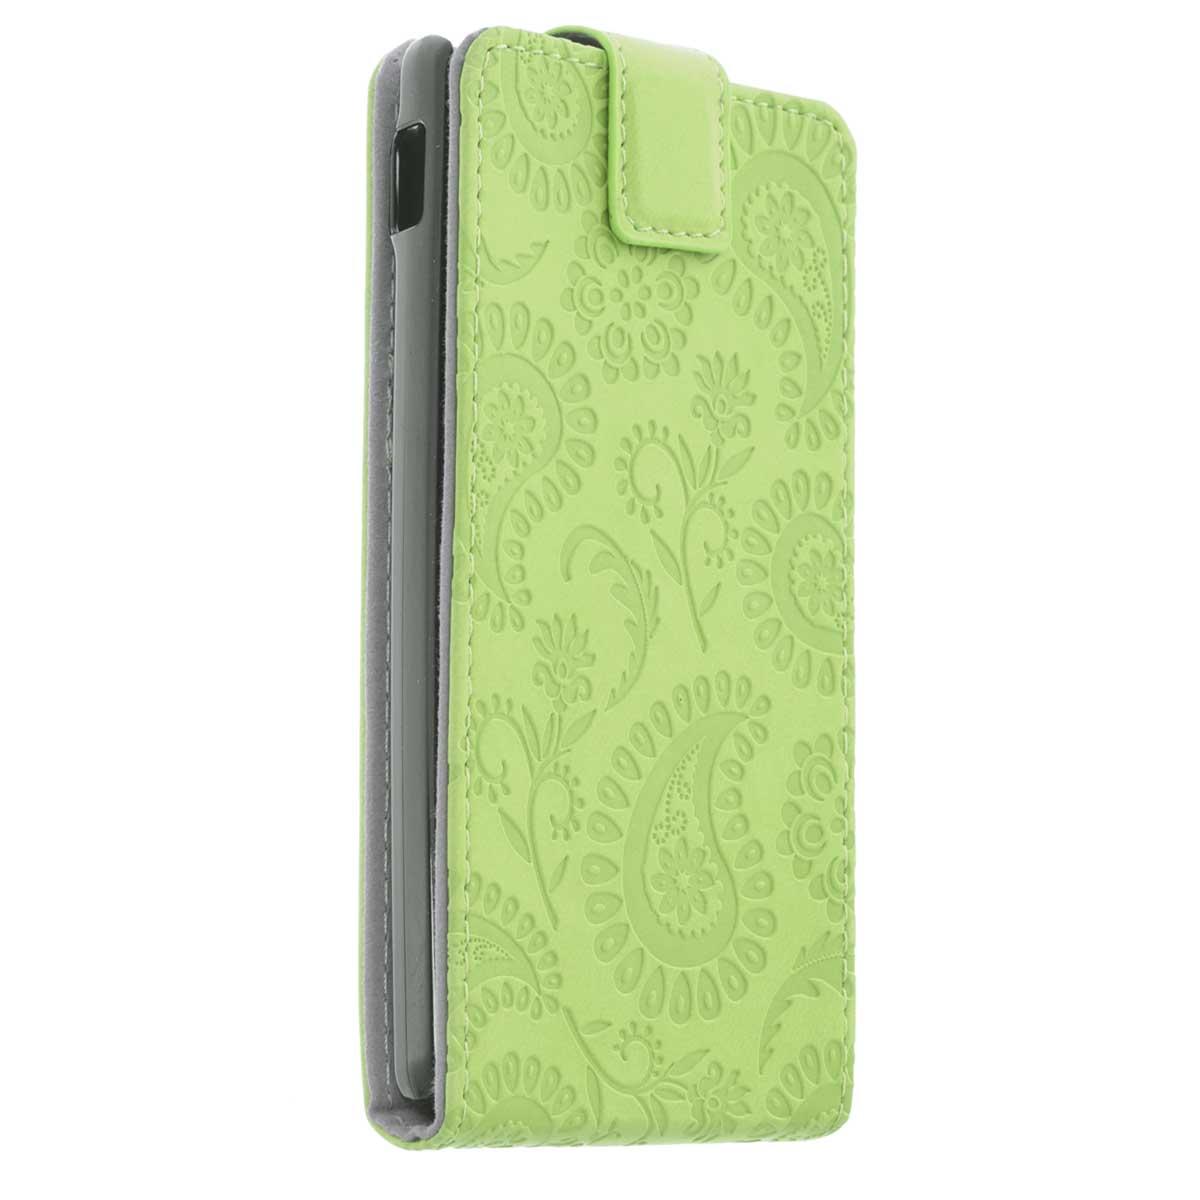 Gissar Paisley чехол для Sony Xperia L, Green31640Чехол Gissar Paisley для Sony Xperia L предназначен для защиты корпуса смартфона от механических повреждений и царапин в процессе эксплуатации. Имеет свободный доступ ко всем разъемам и кнопкам устройства.